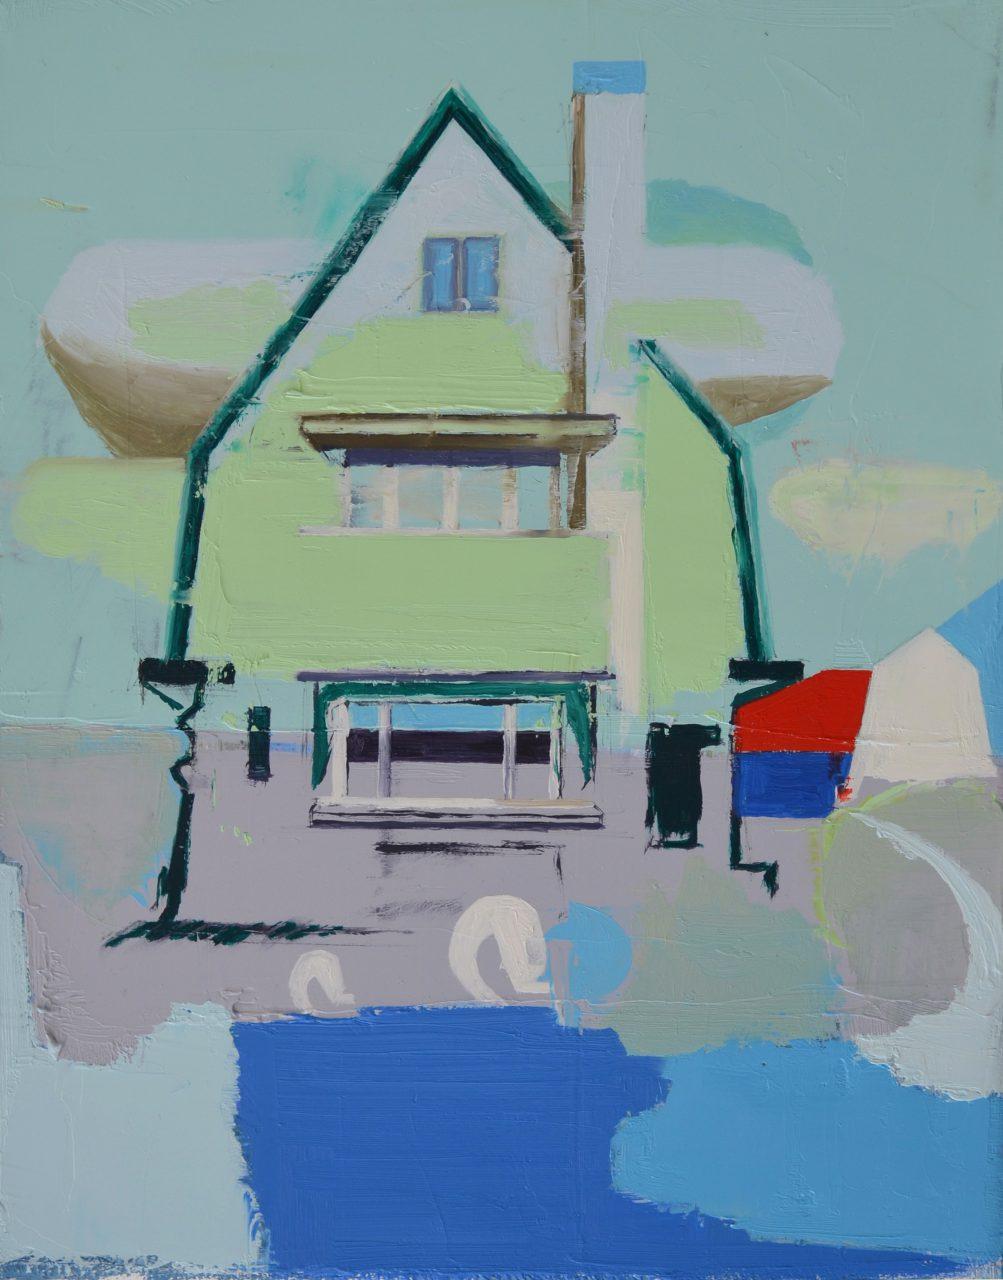 Interbellum House, 2016, 30 x 25 cm, oil on linen